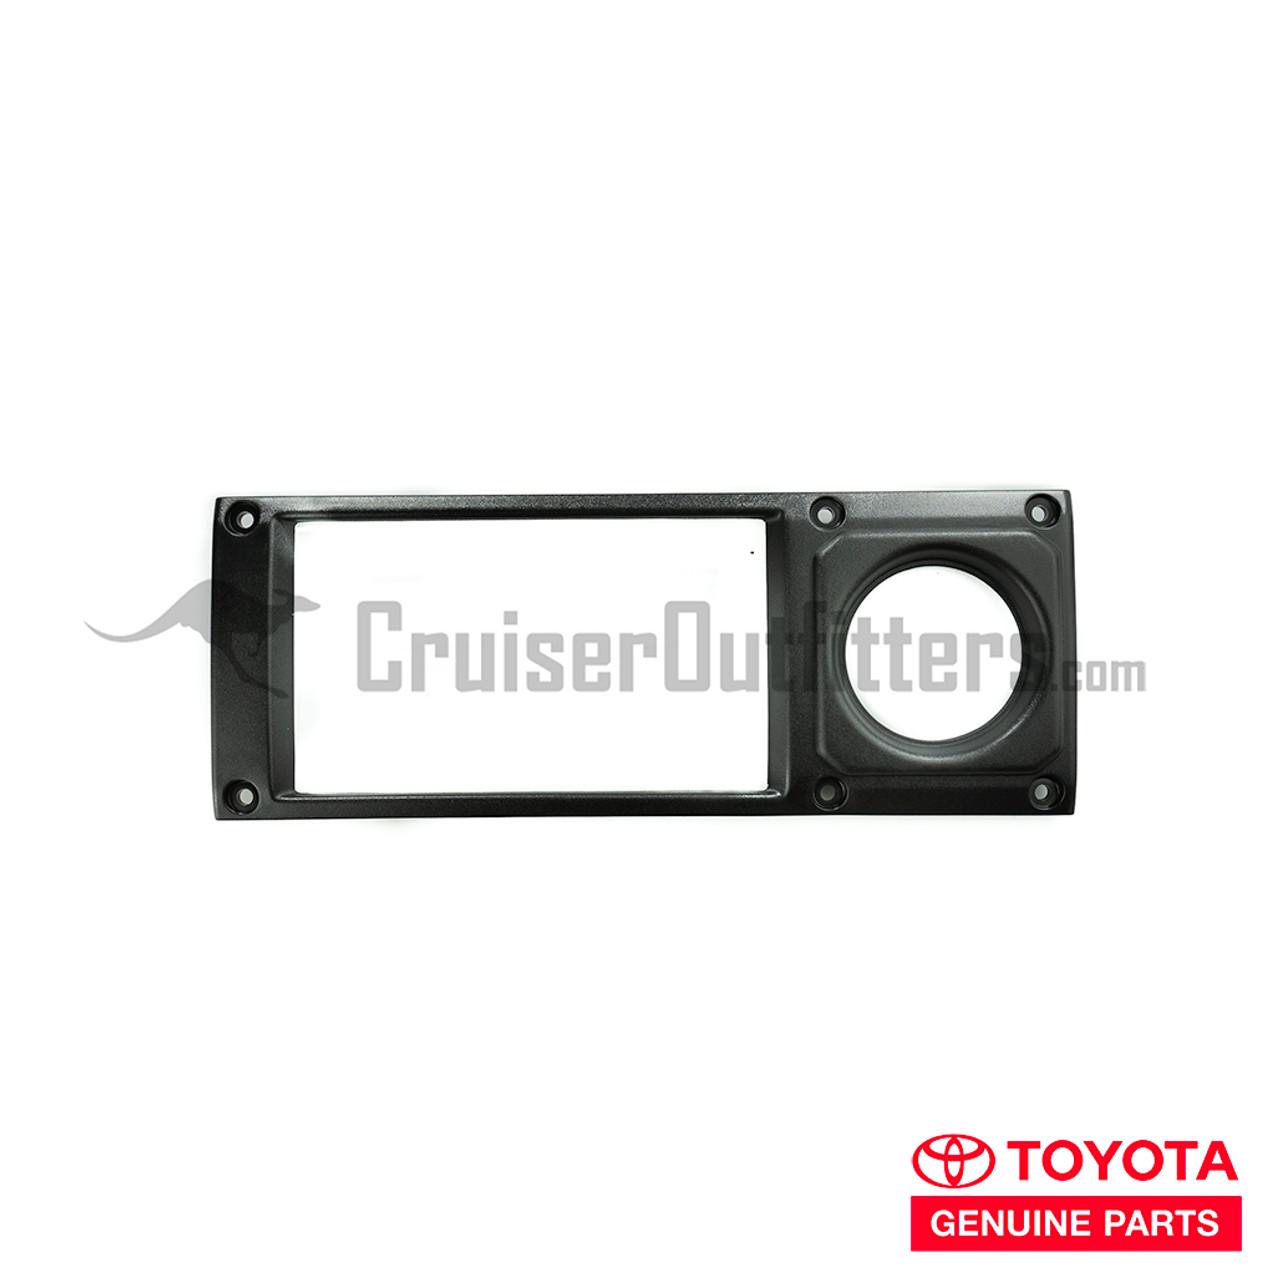 Dash Pannel - OEM Toyota - Fits 7x Series (INT90K00)